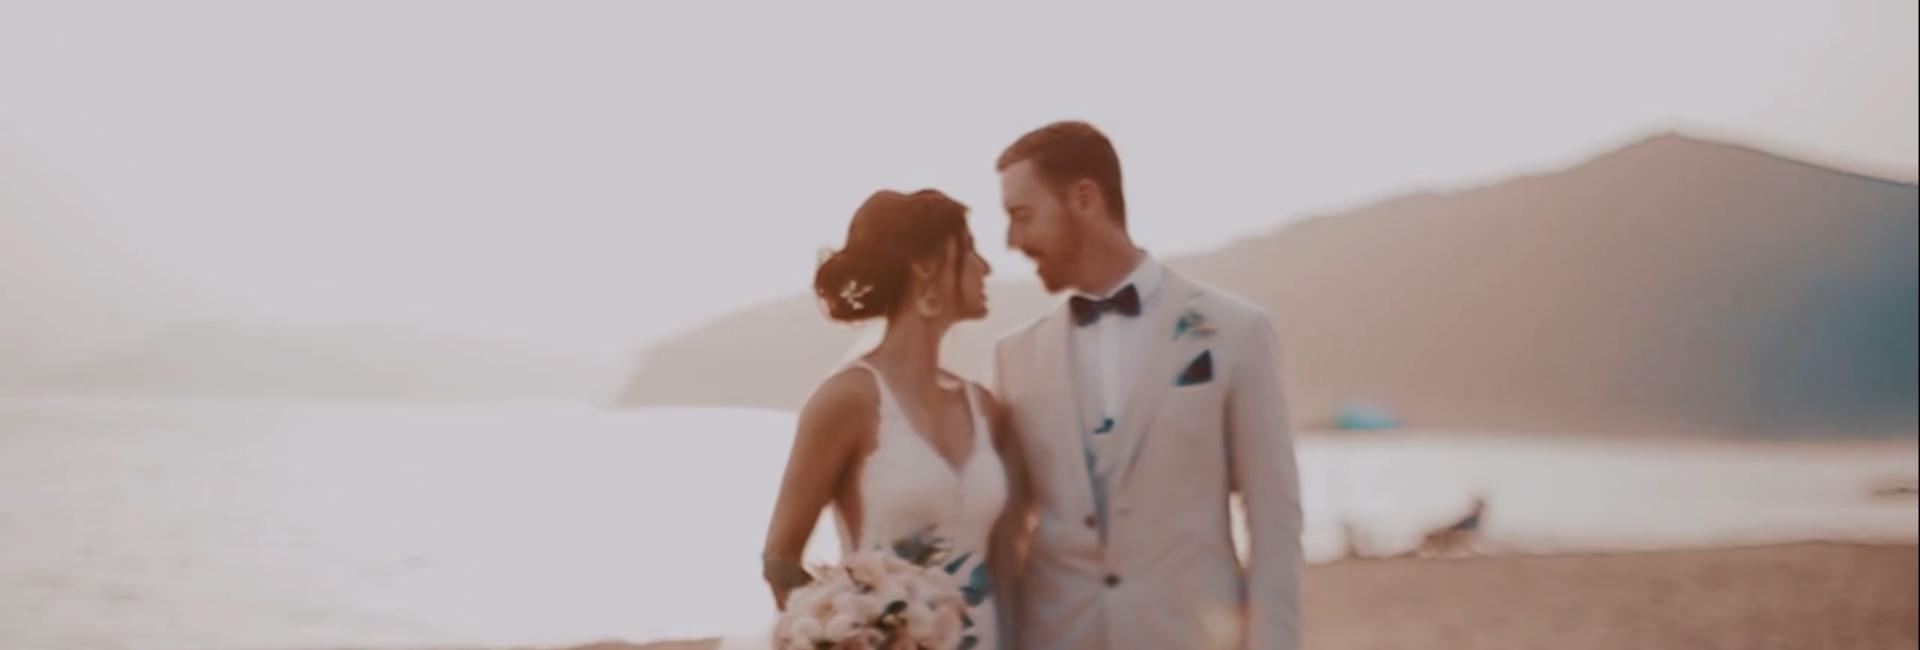 Casamentos podem ser até parecidos, de  mas as histórias são únicas!